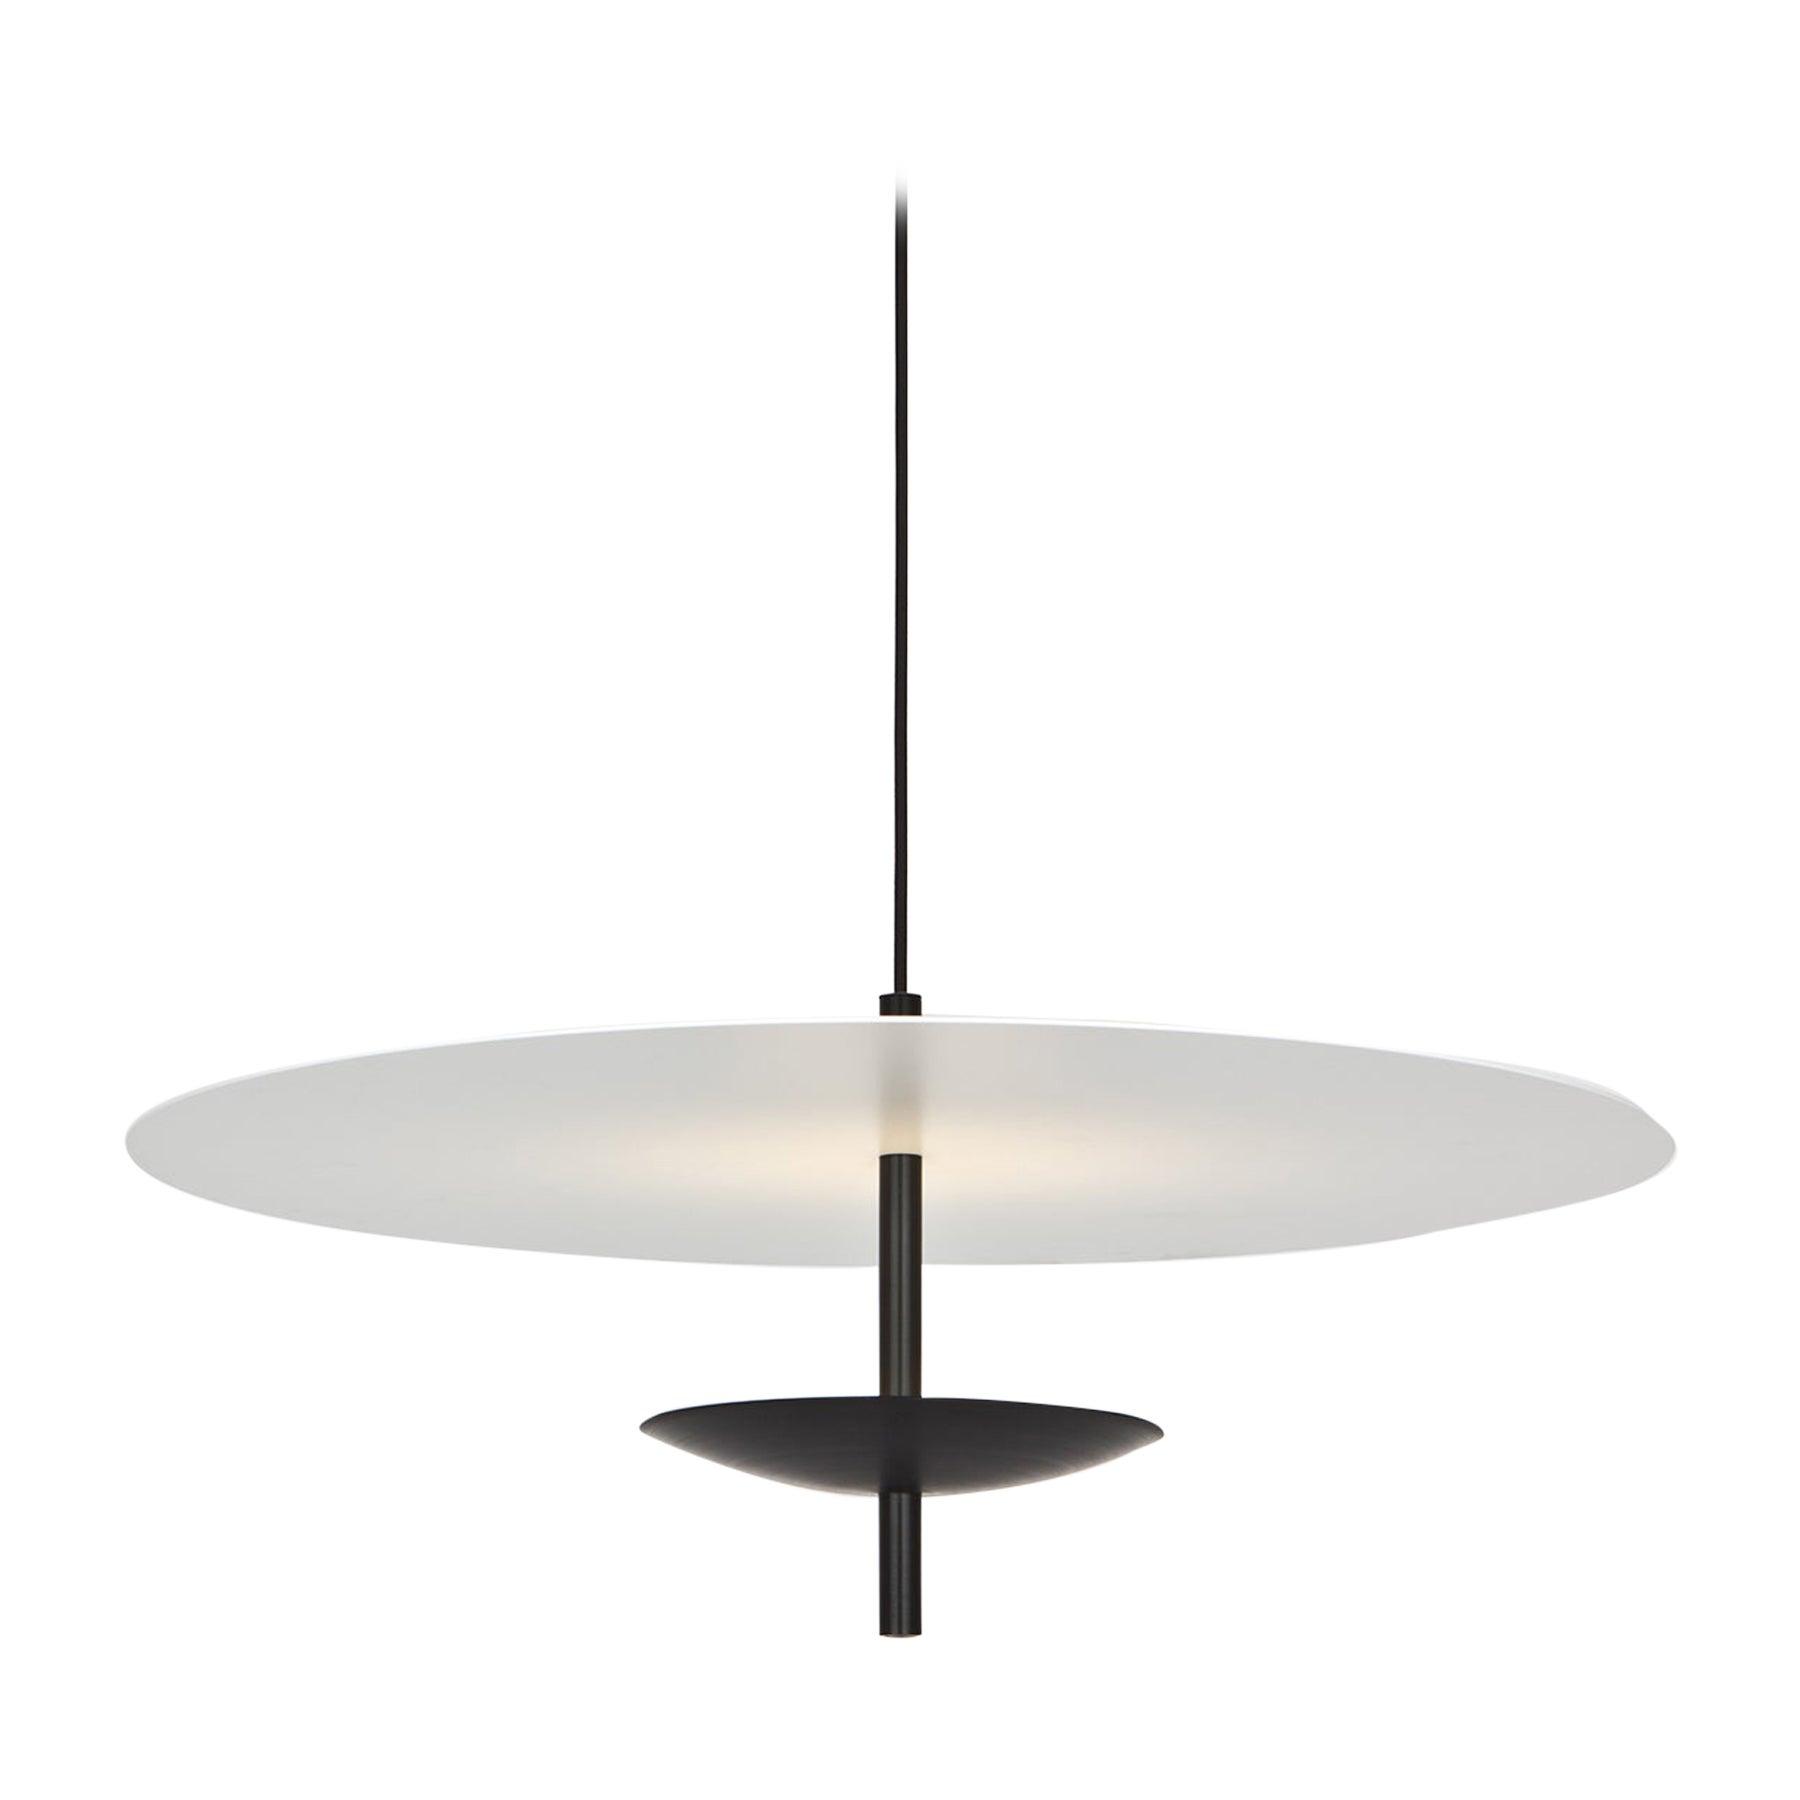 Reflector LED Pendant Light, Anodized Aluminum, Black, White Shade